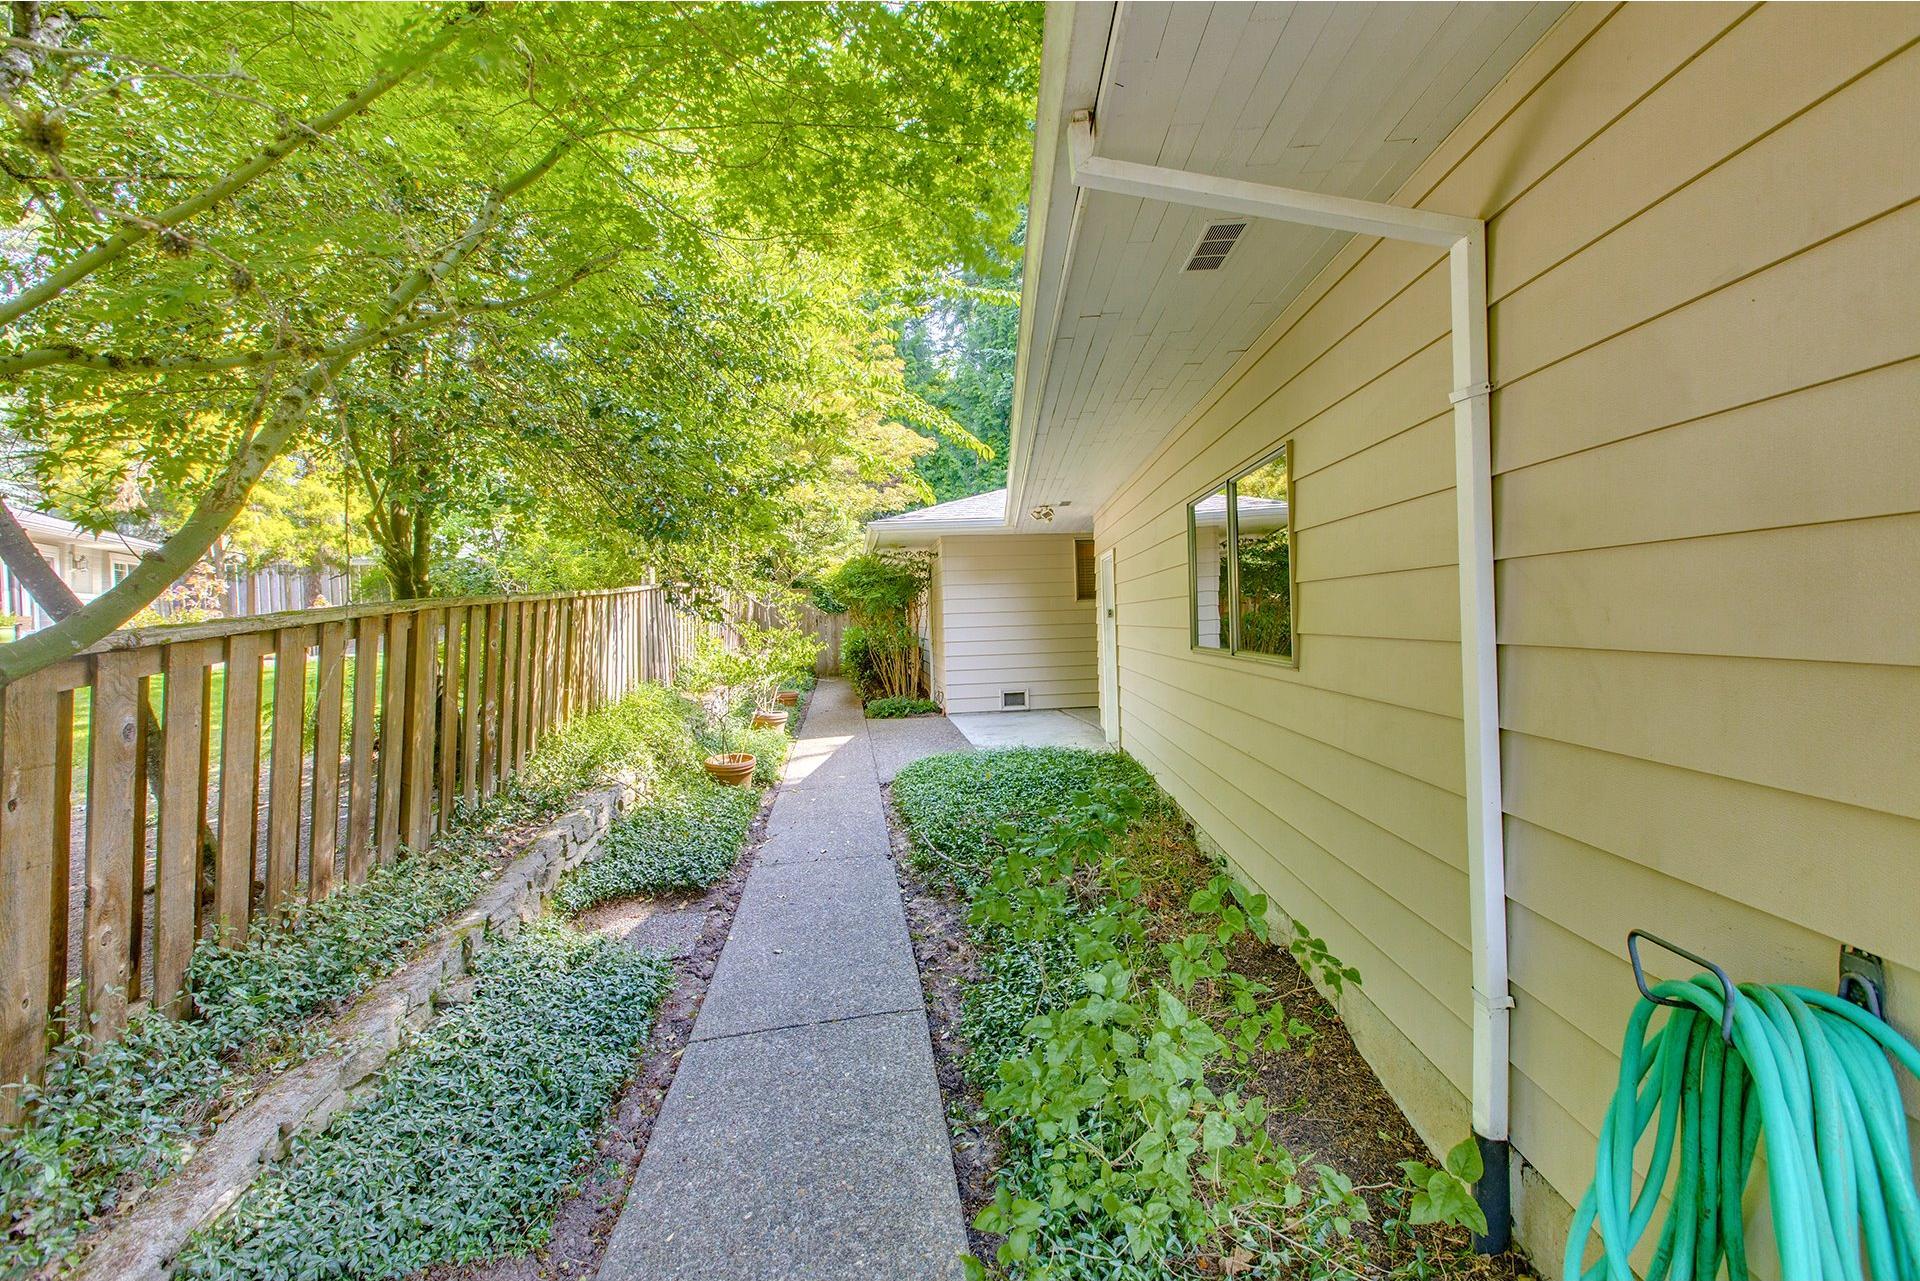 Mls#18253393 $825,000 Wwwportlandrealestateteam 2720 Sw Garden View Ave, Portland, Or